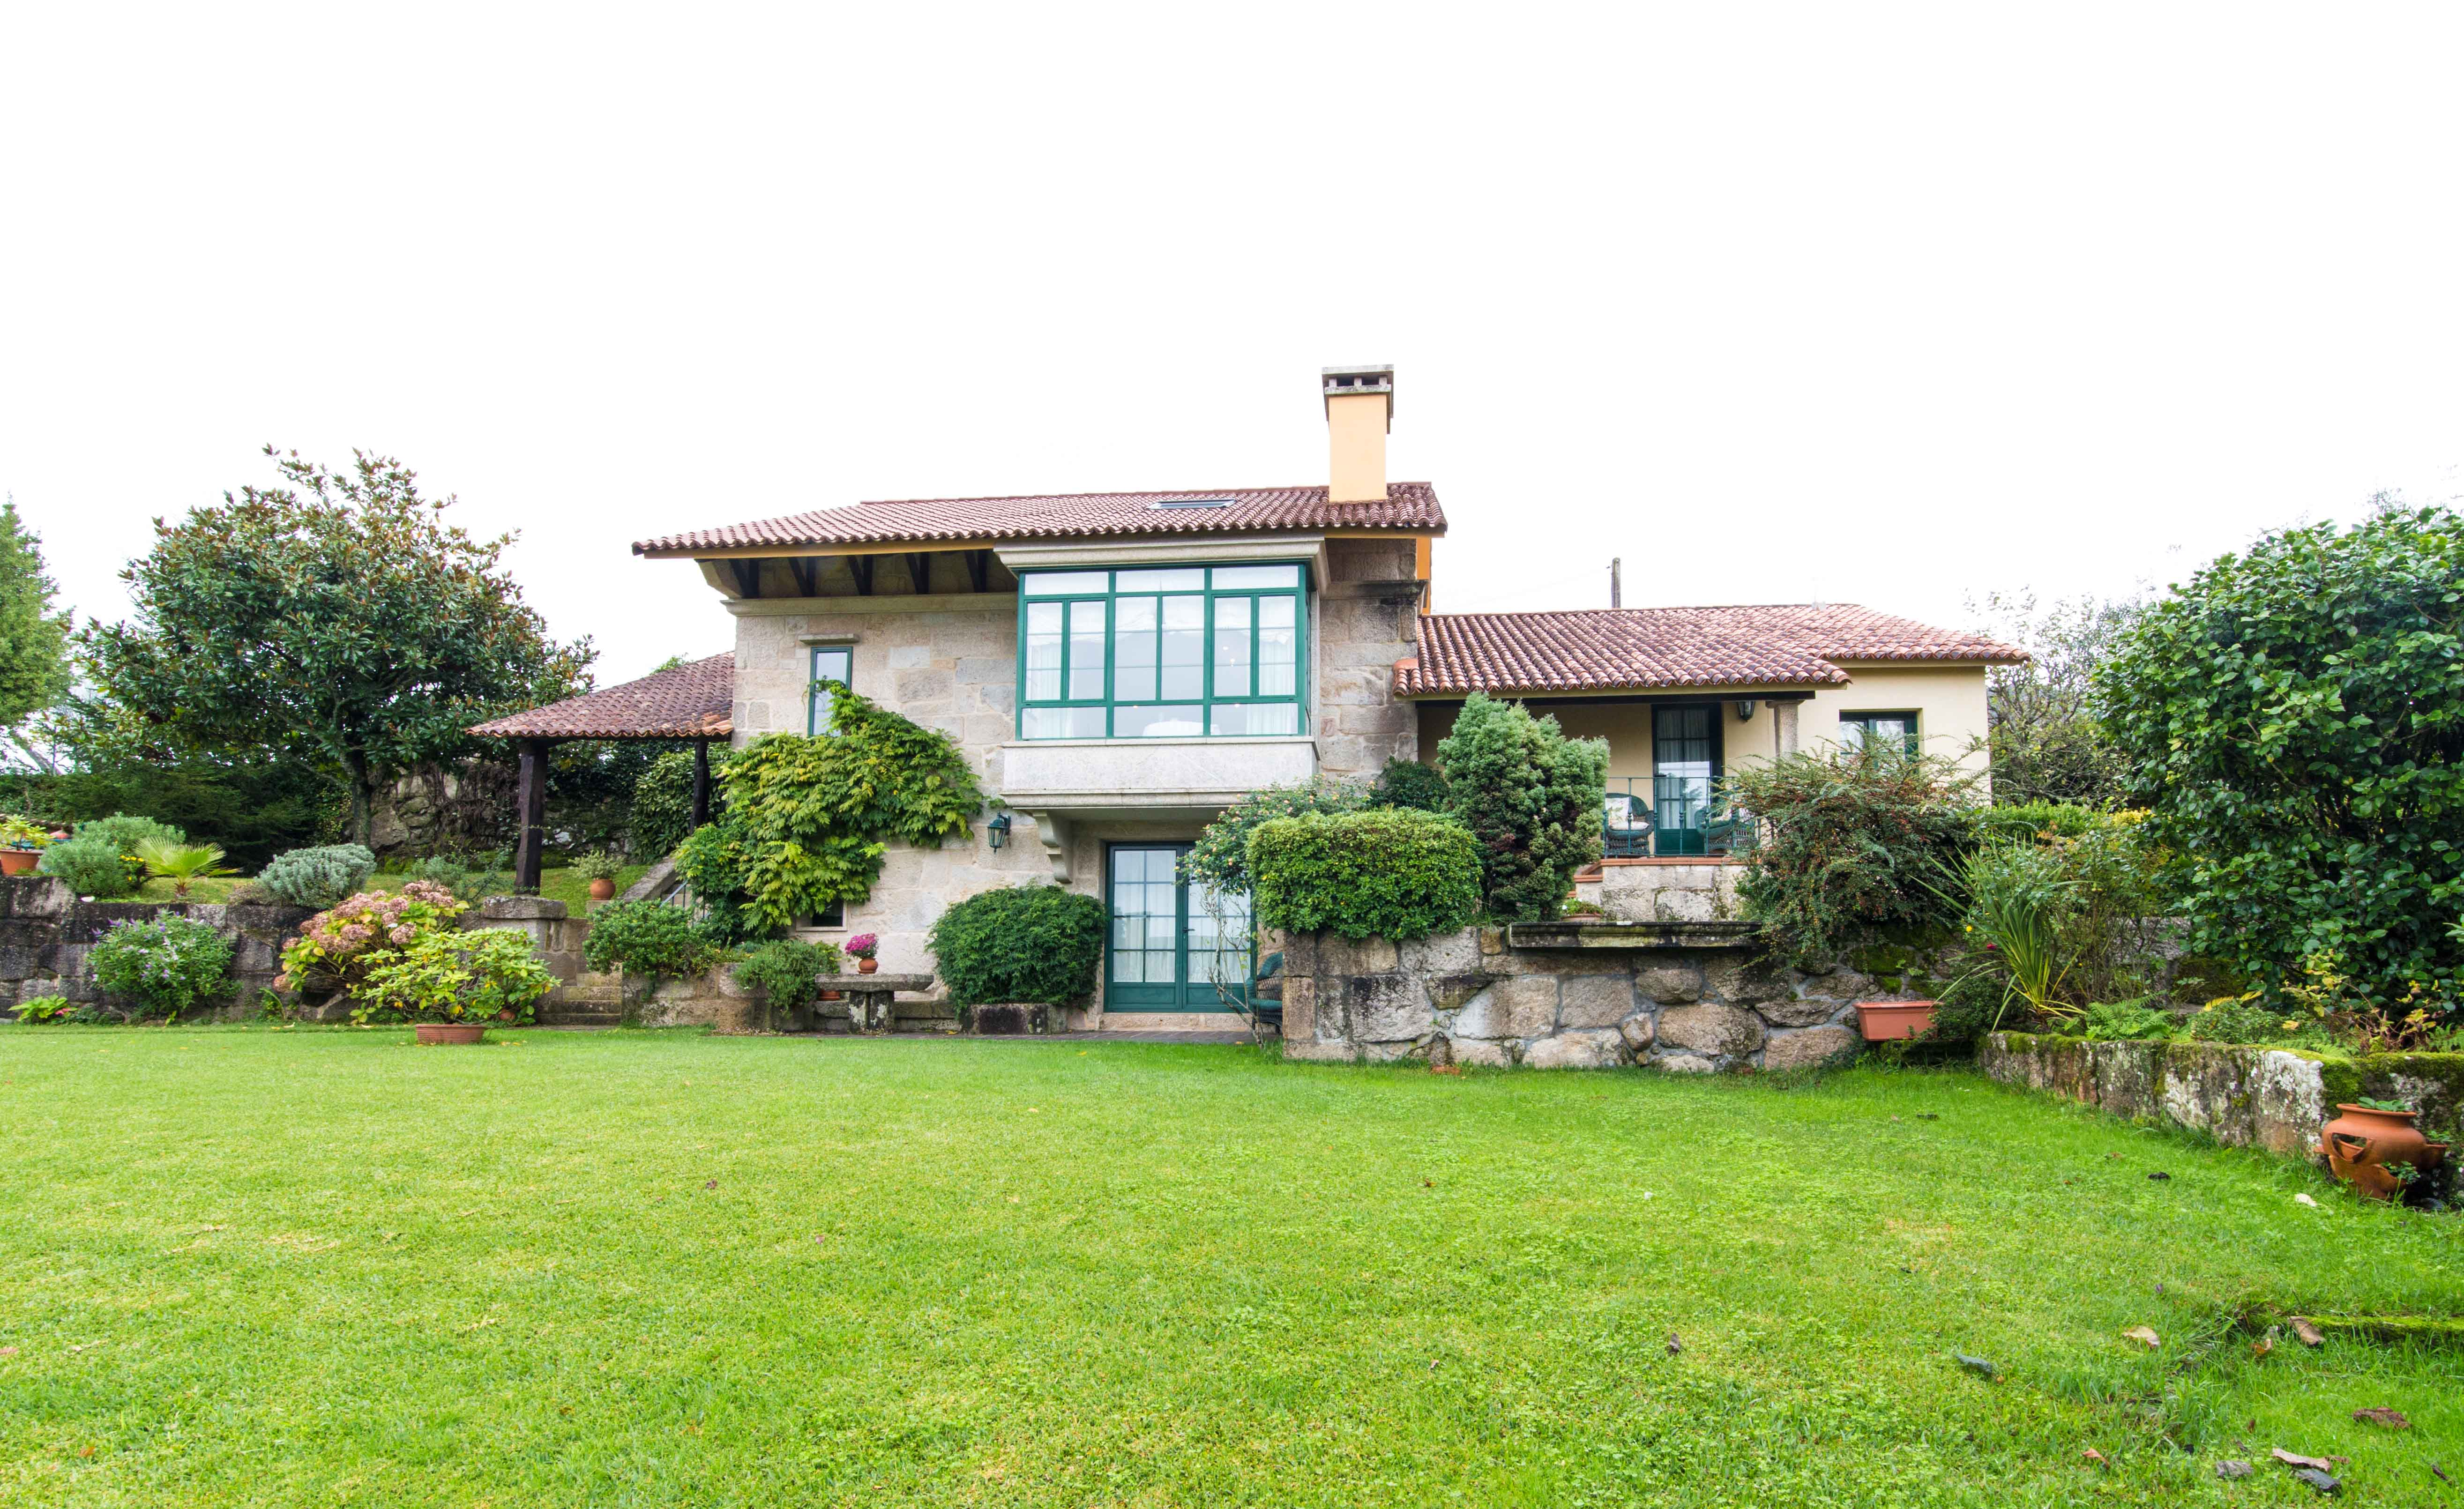 casa de maria principal con jardín - turismo rural